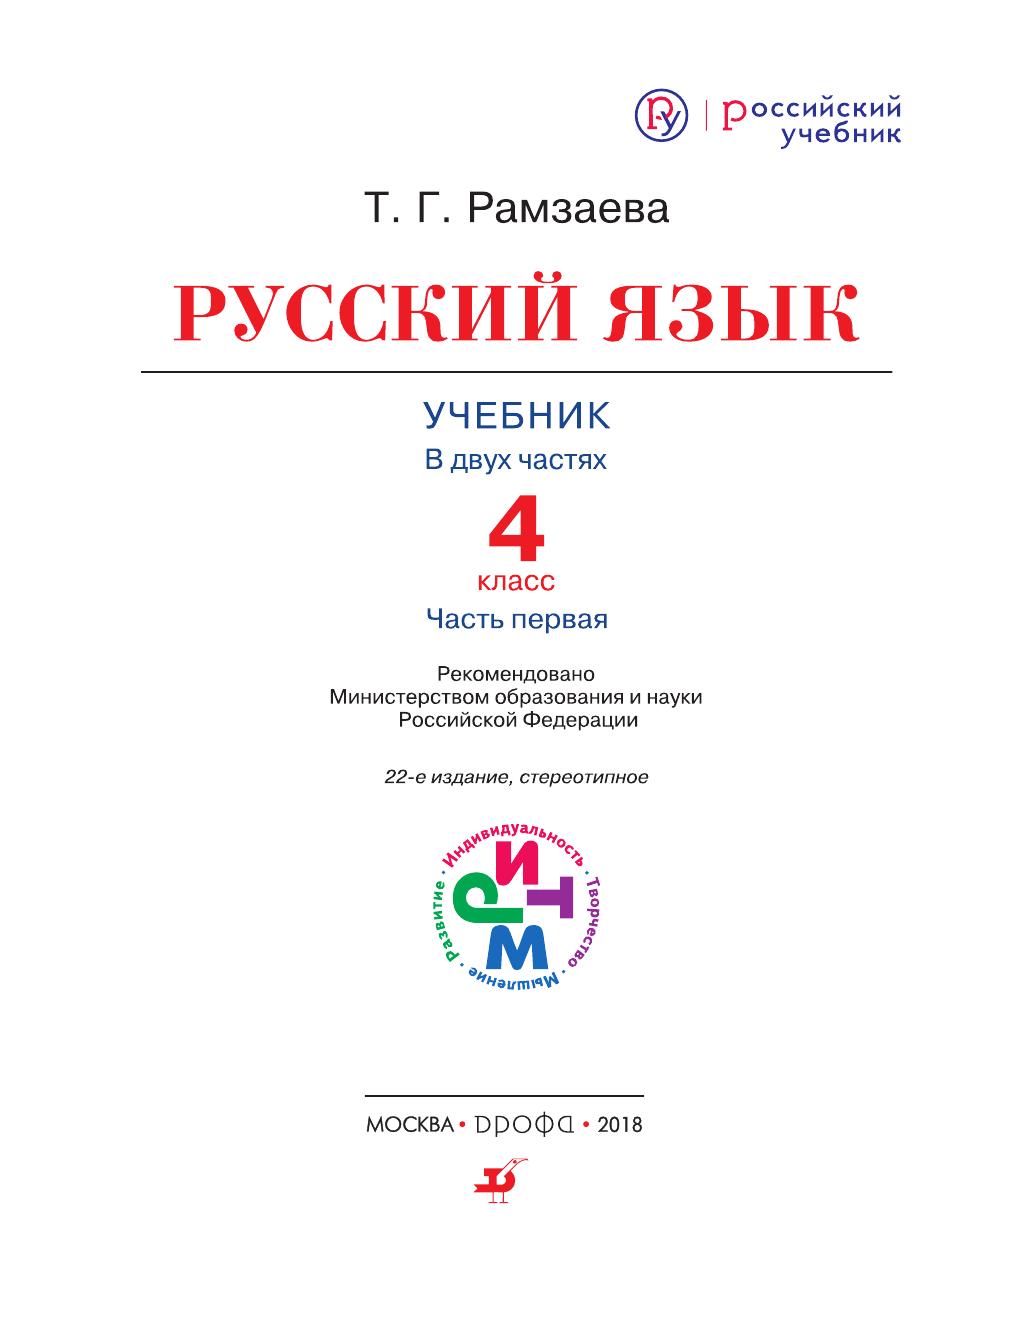 Шпаргалка по русскому языку 3 класс рамзаева т.г